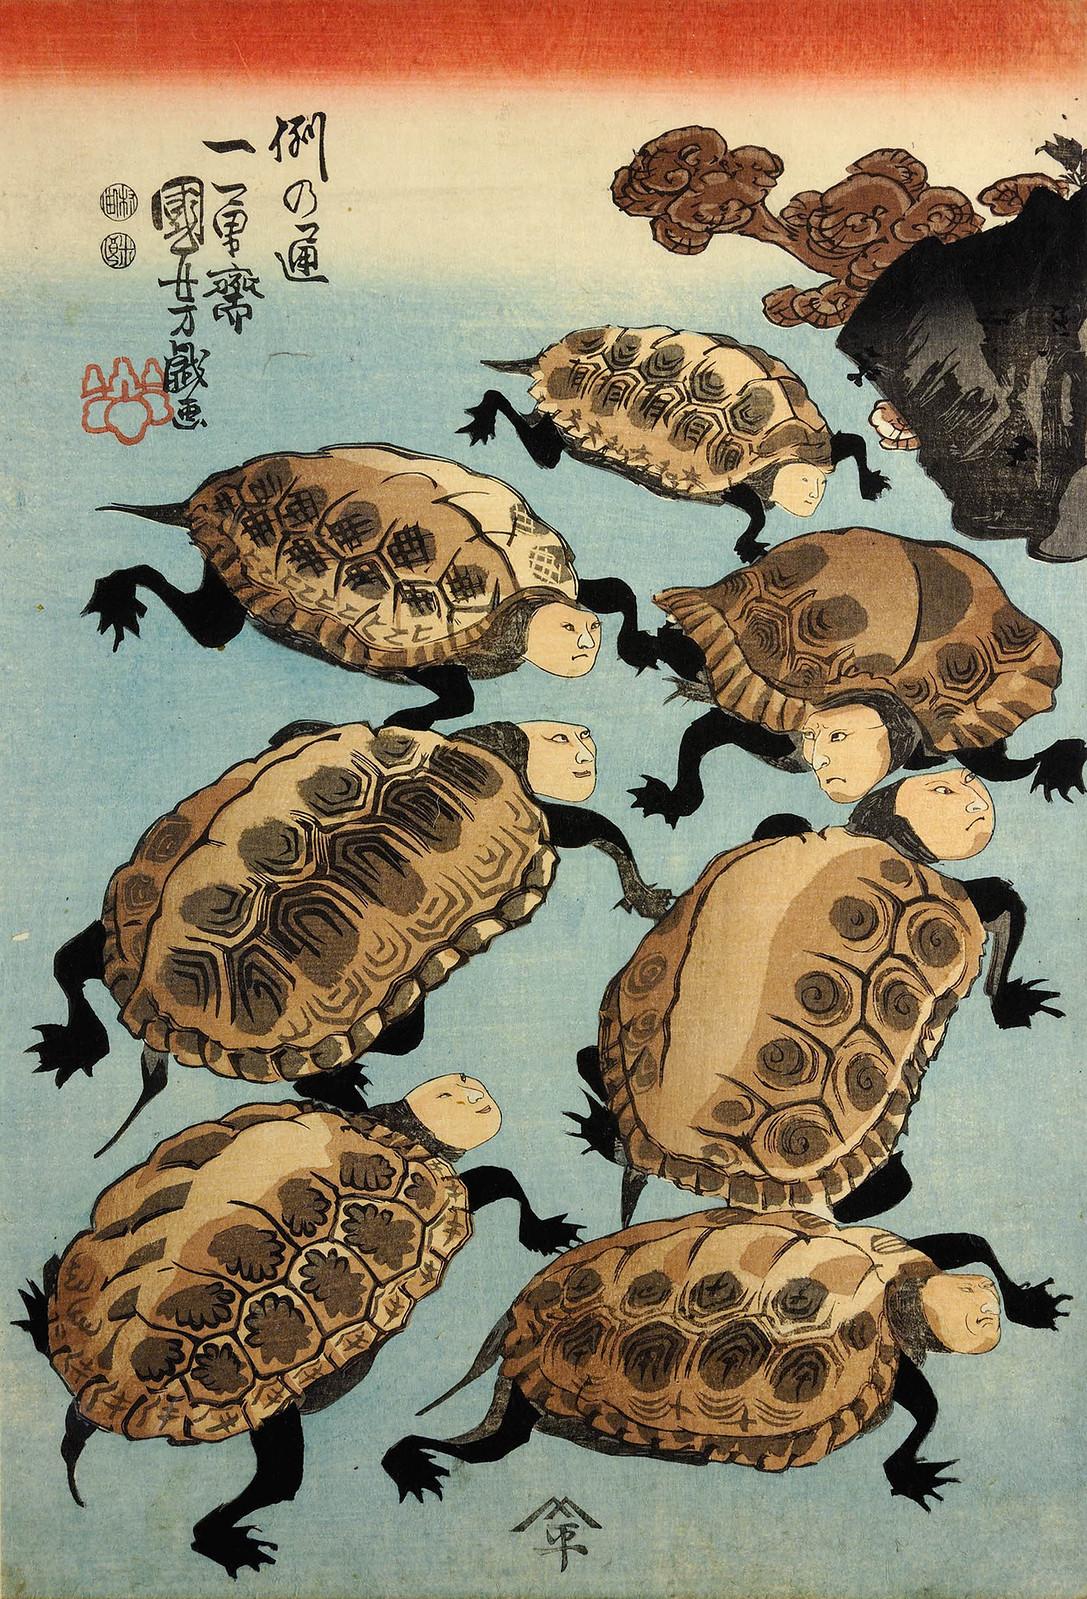 Utagawa Kuniyoshi - Ki-ki myo-myo (Strange and Marvelous Turtles of Happiness) 1847-52 (left panel)